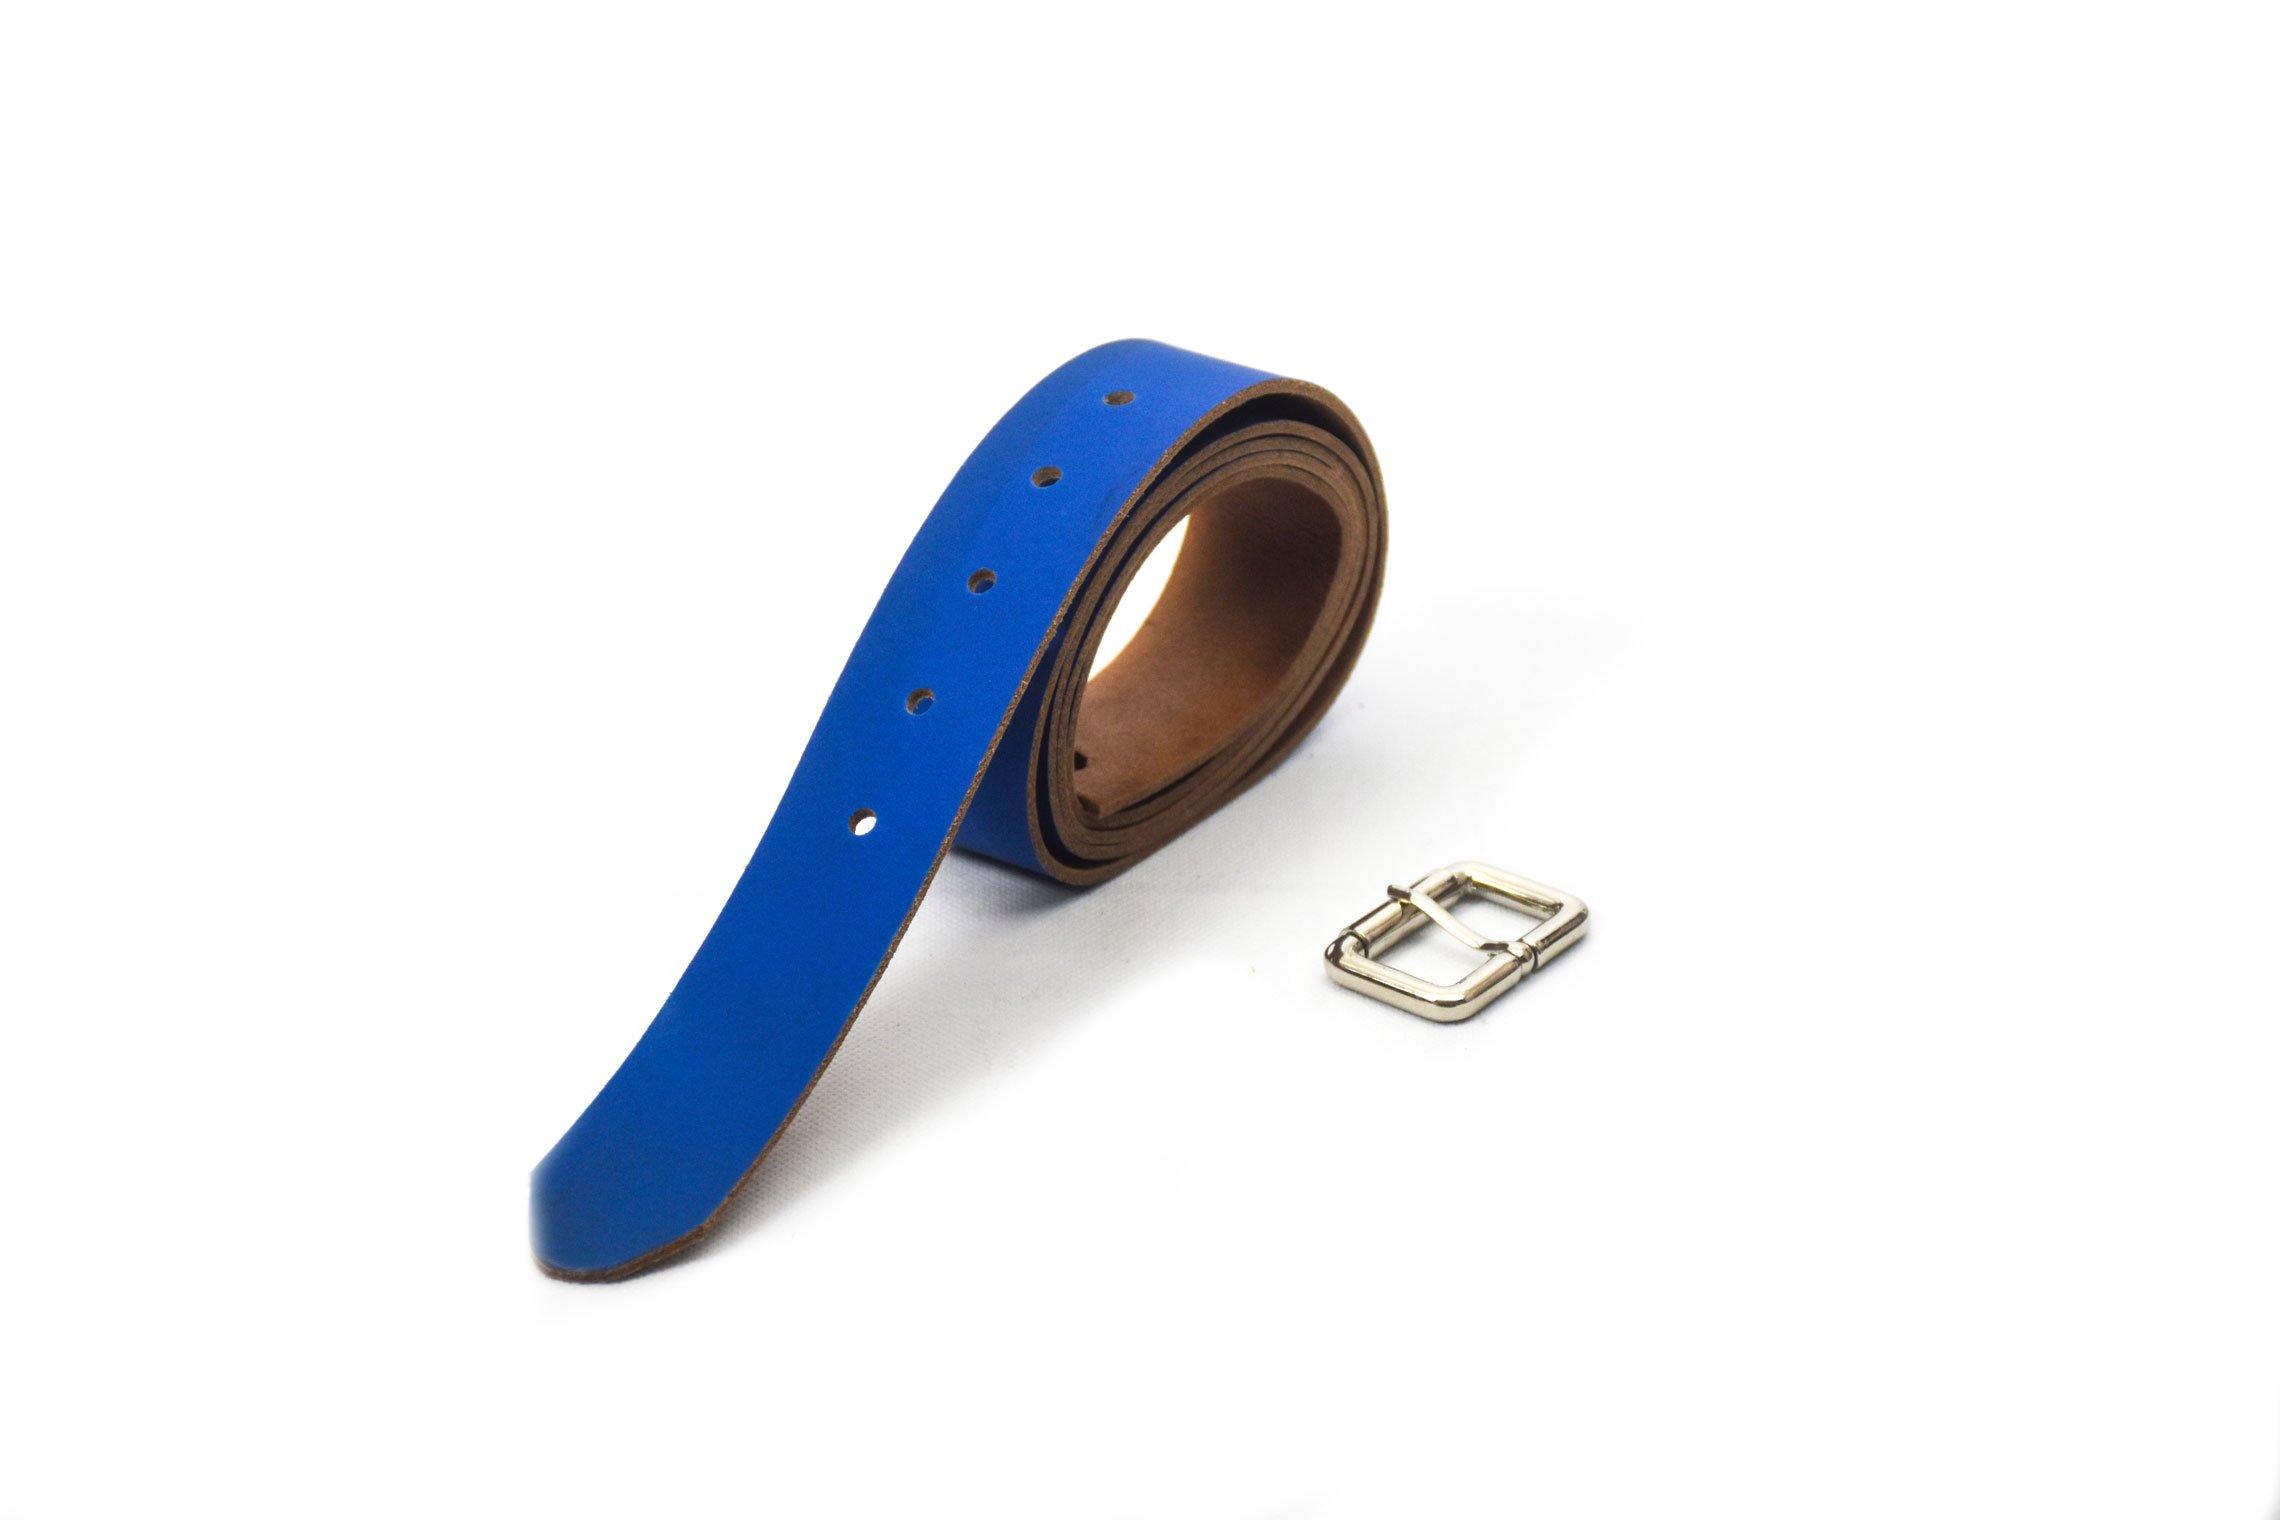 cinturón de piel vacuna azul claro con hebilla color níquel barcelona